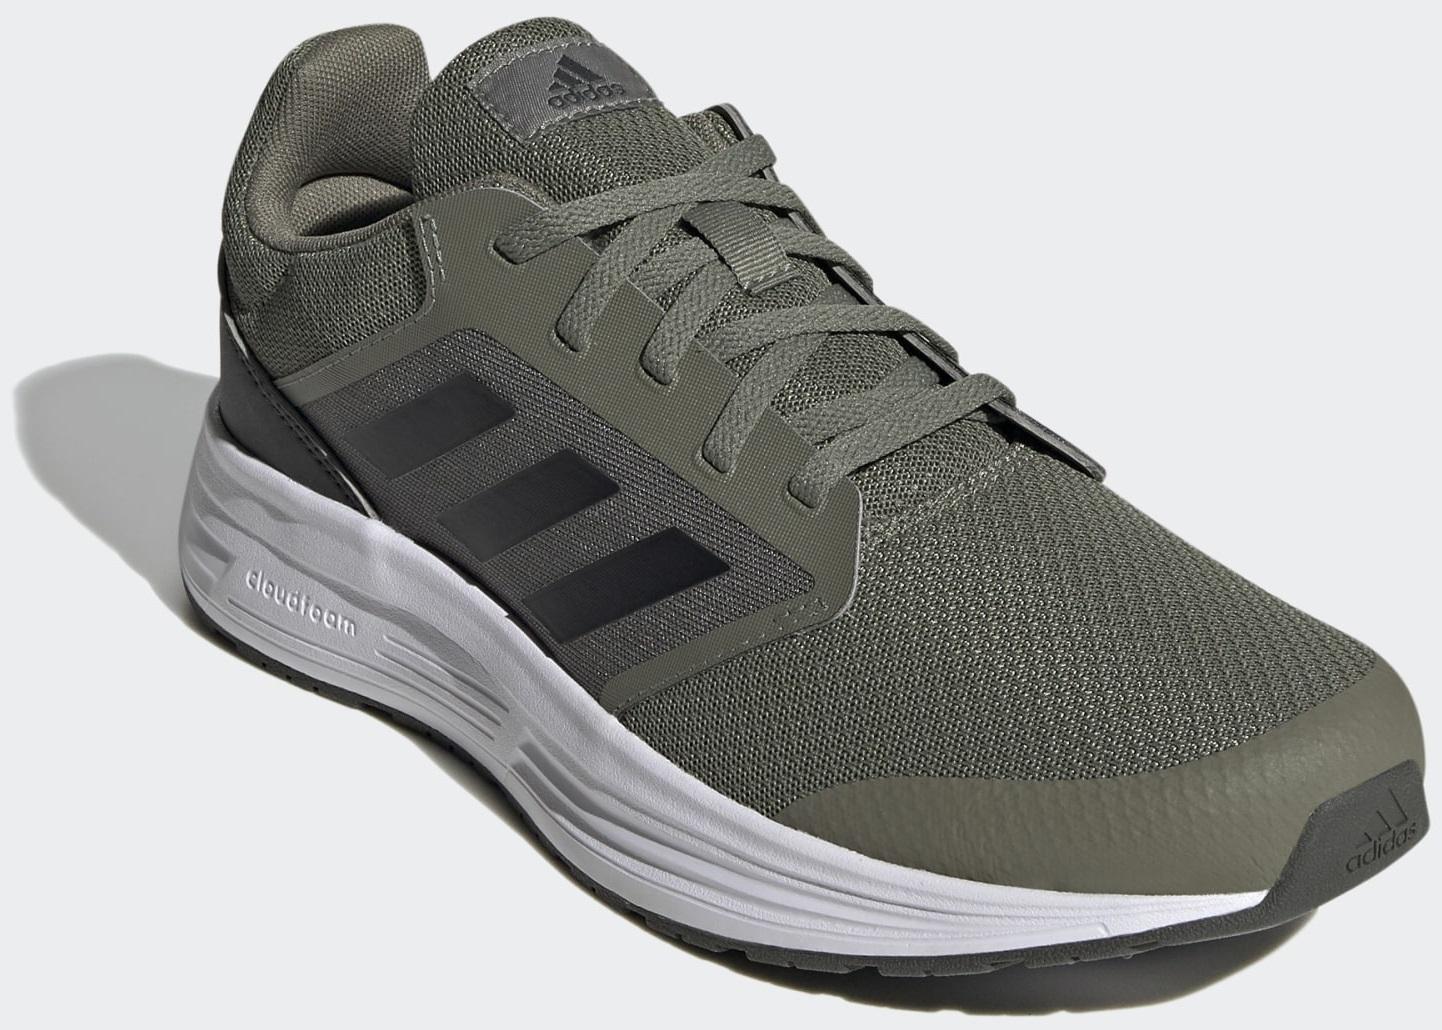 adidas Schuh Galaxy V grün (Größen 41 1/3 bis 47 1/3)